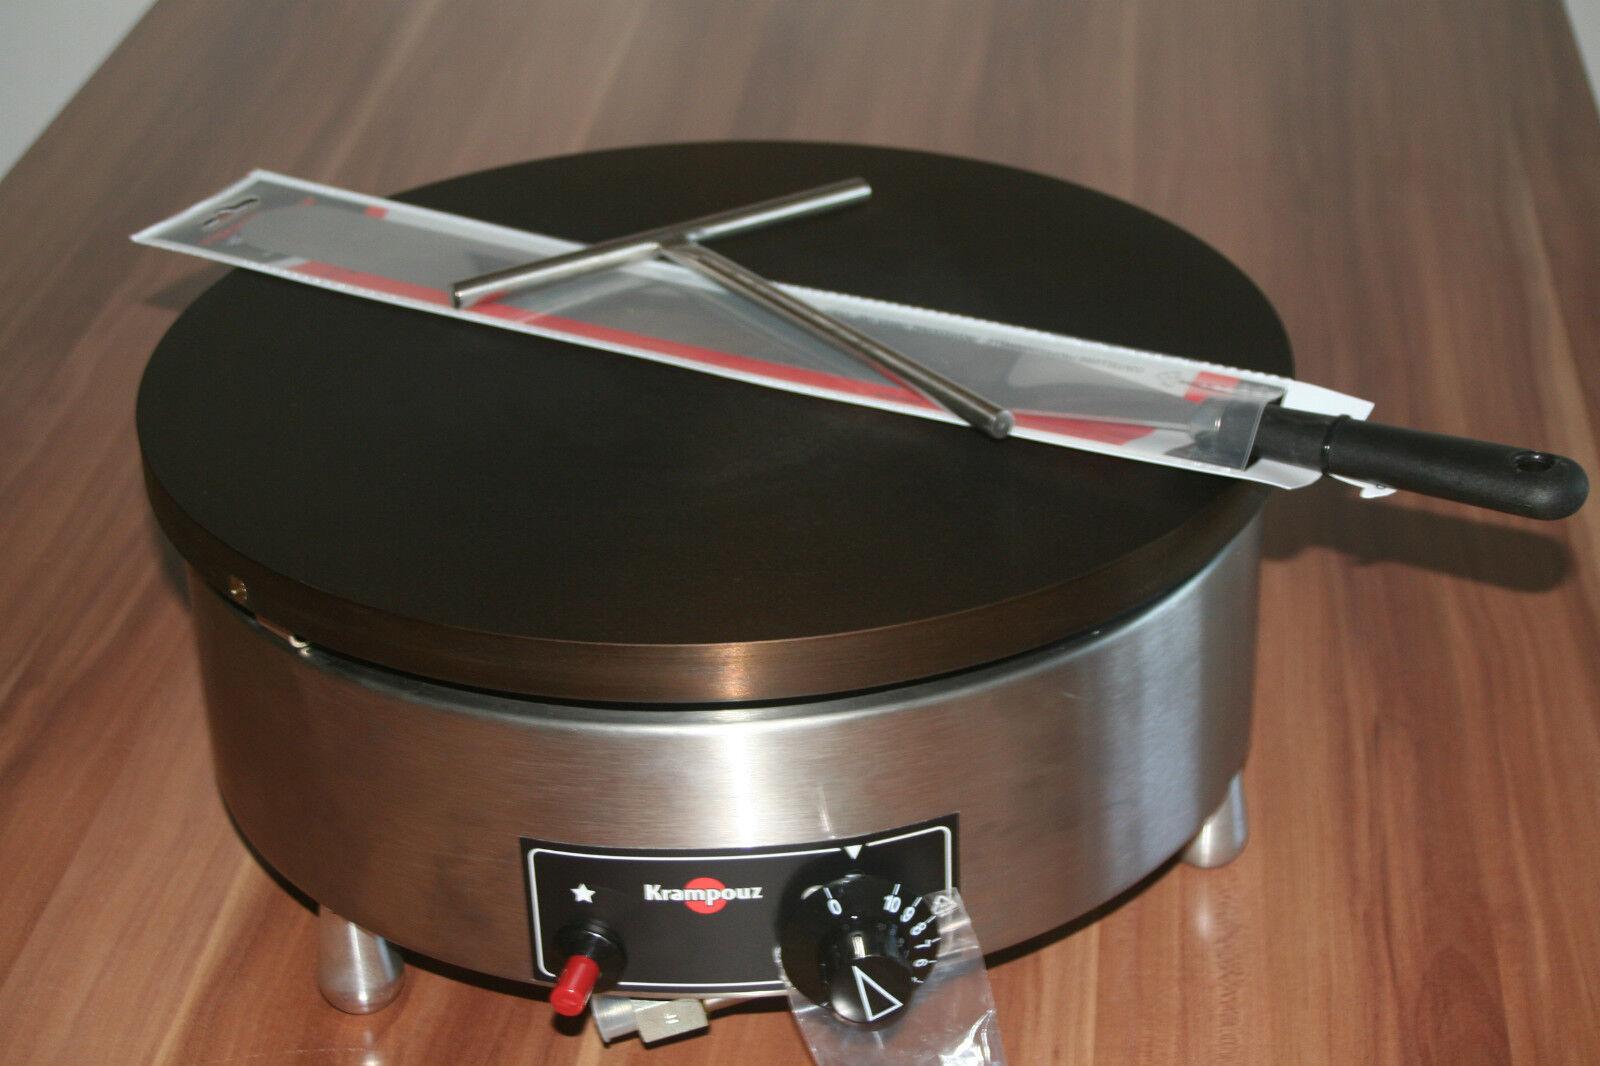 40cm Gas Crepemaker Krampouz Crepesgerät Crepiere Teigverteiler Teigwender 7 kW